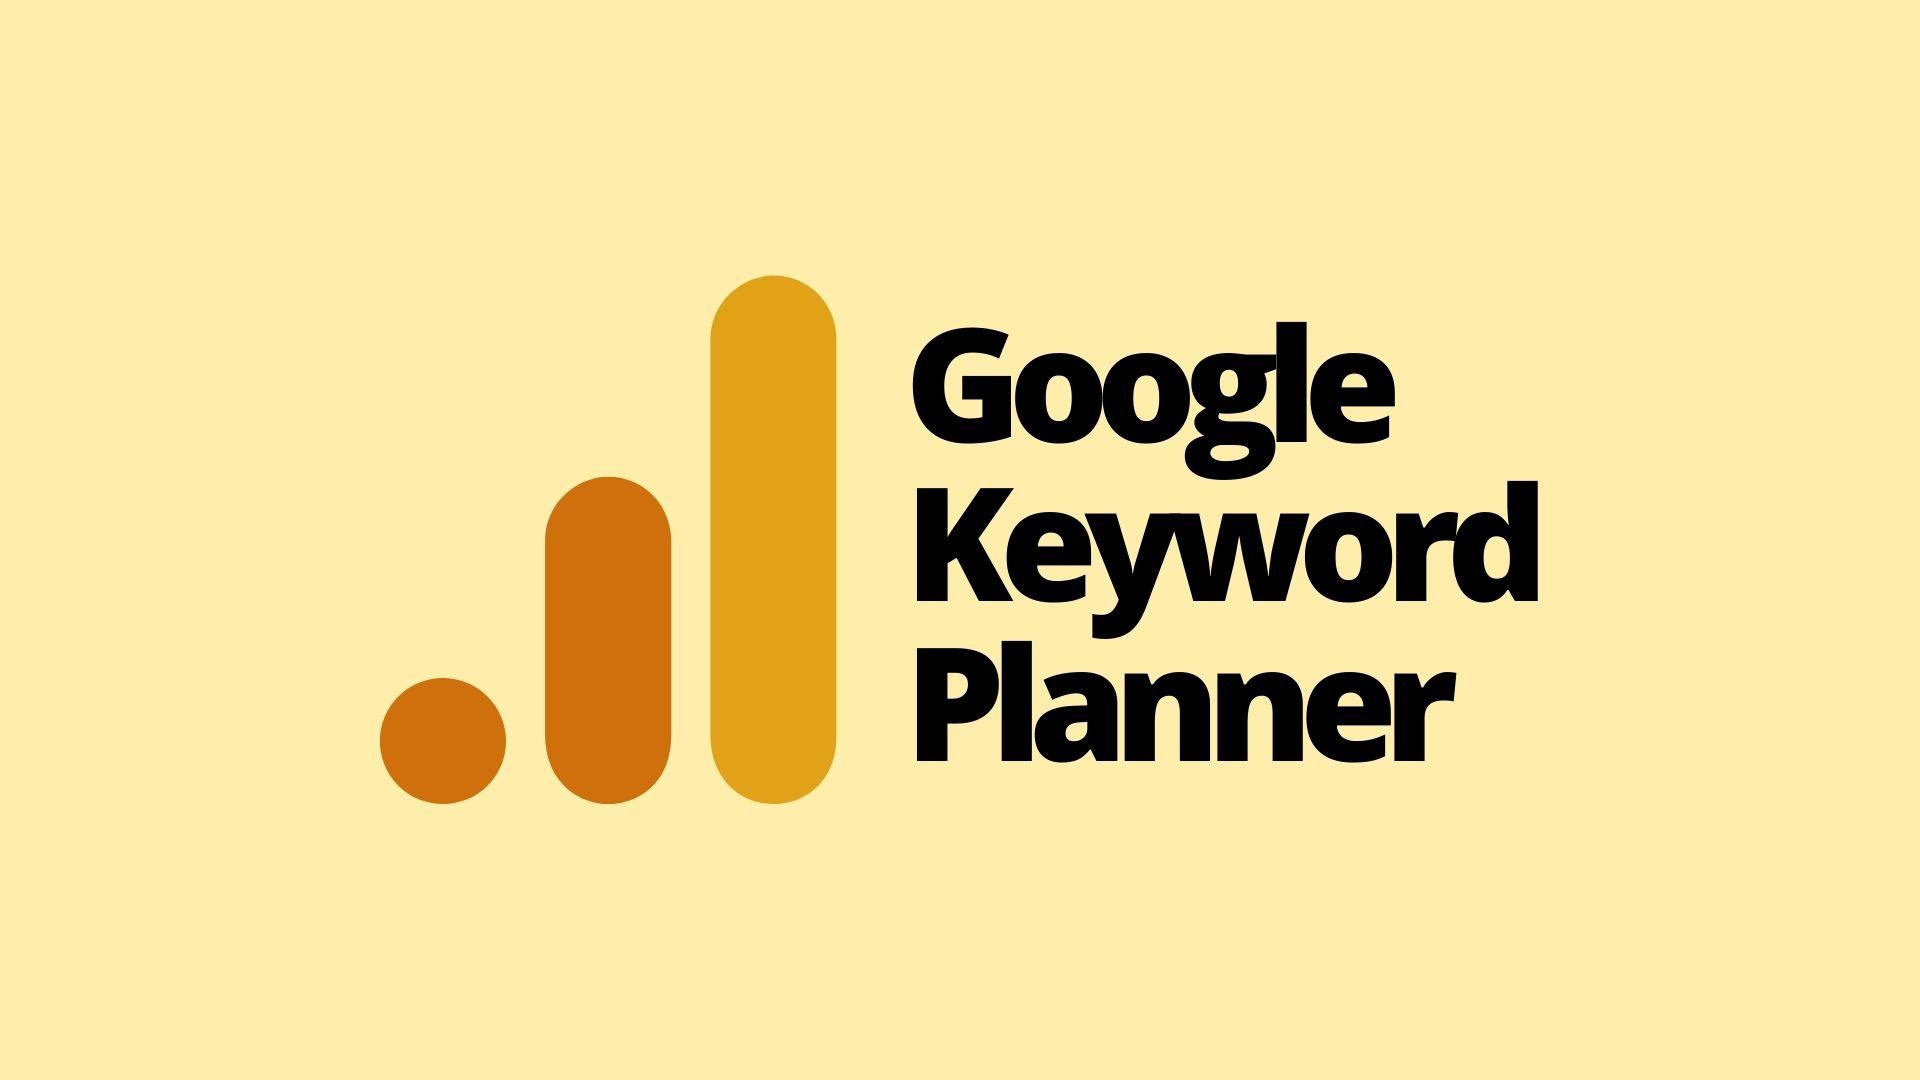 What Is Google Keyword Planner?